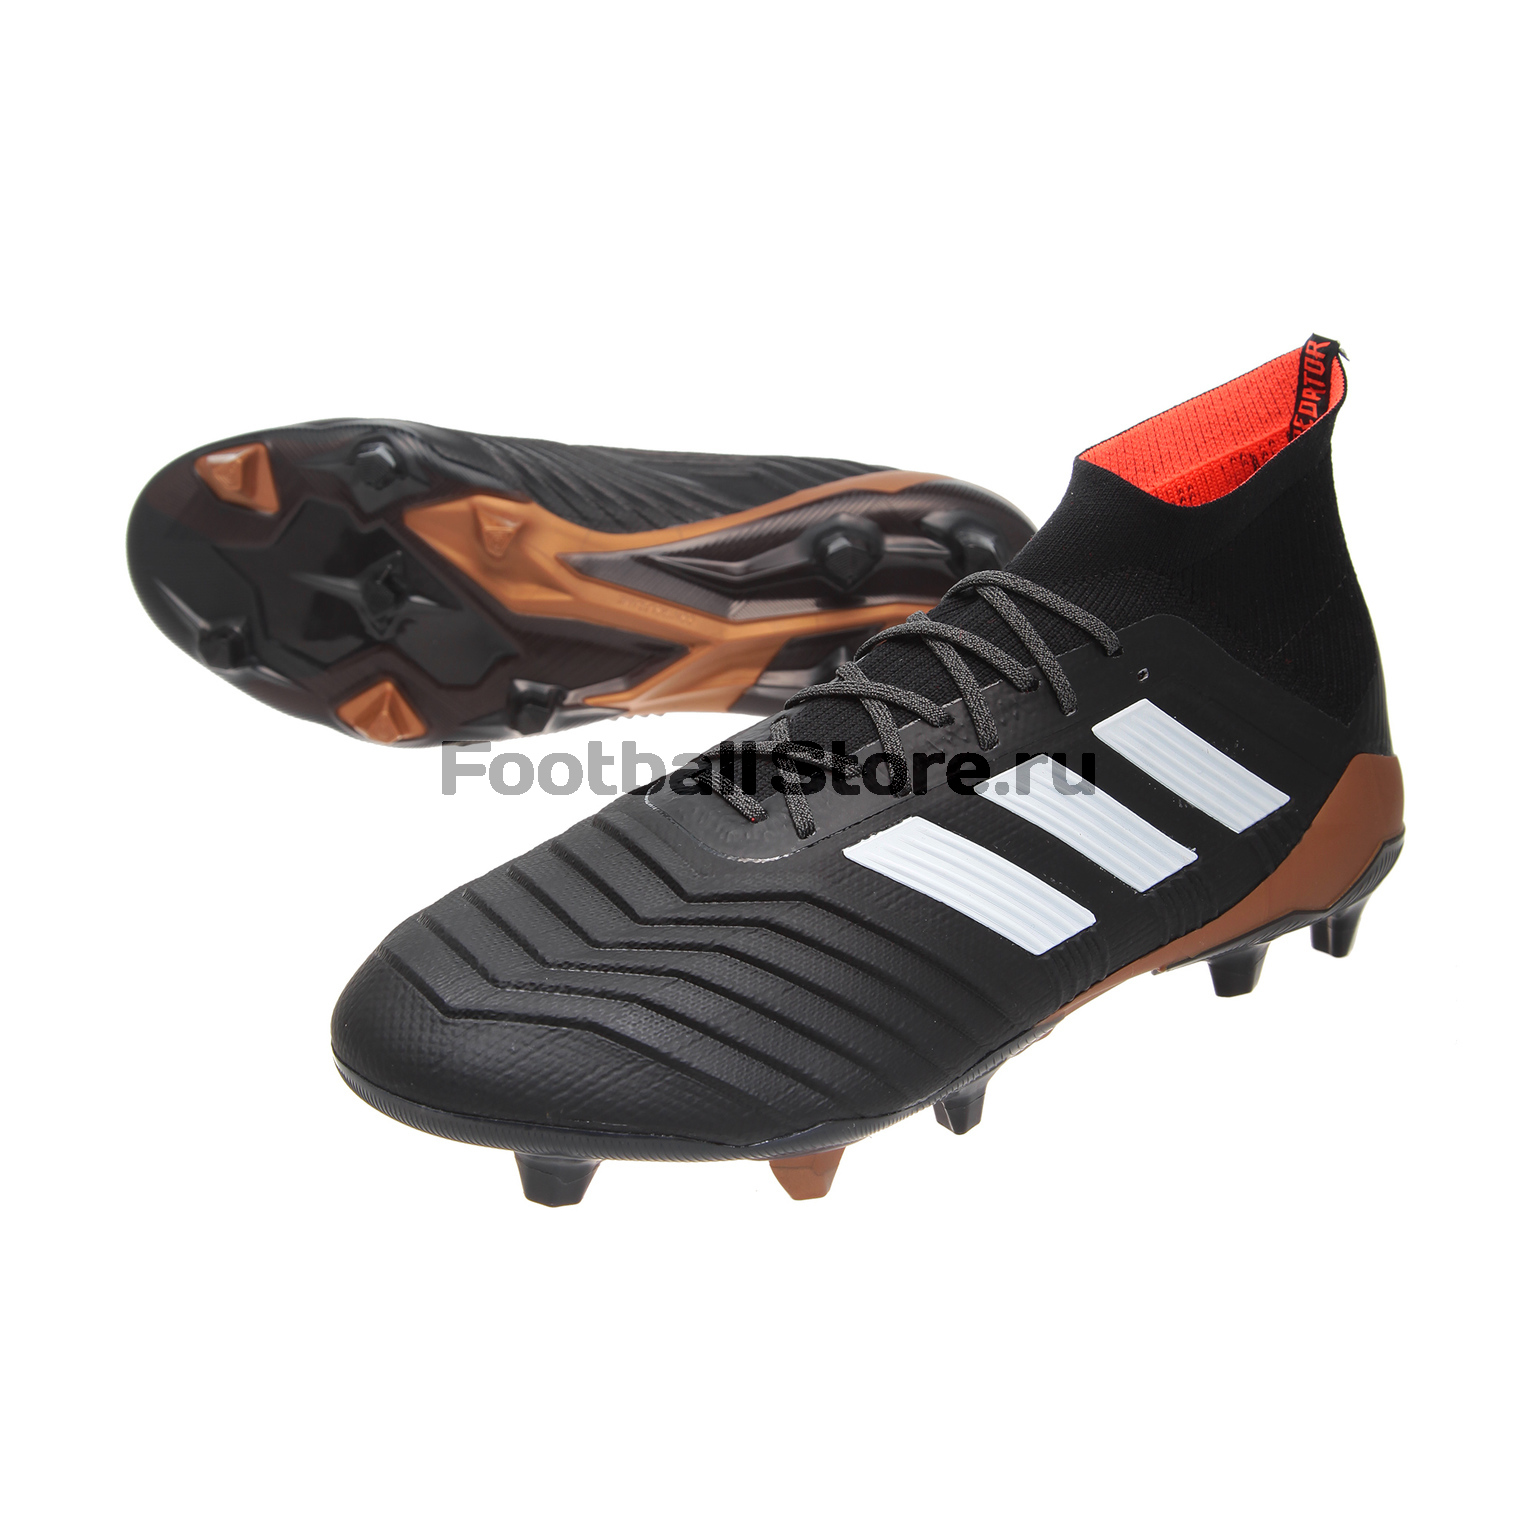 купить Игровые бутсы Adidas Бутсы Adidas Predator 18.1 FG BB6354 по цене 15990 рублей